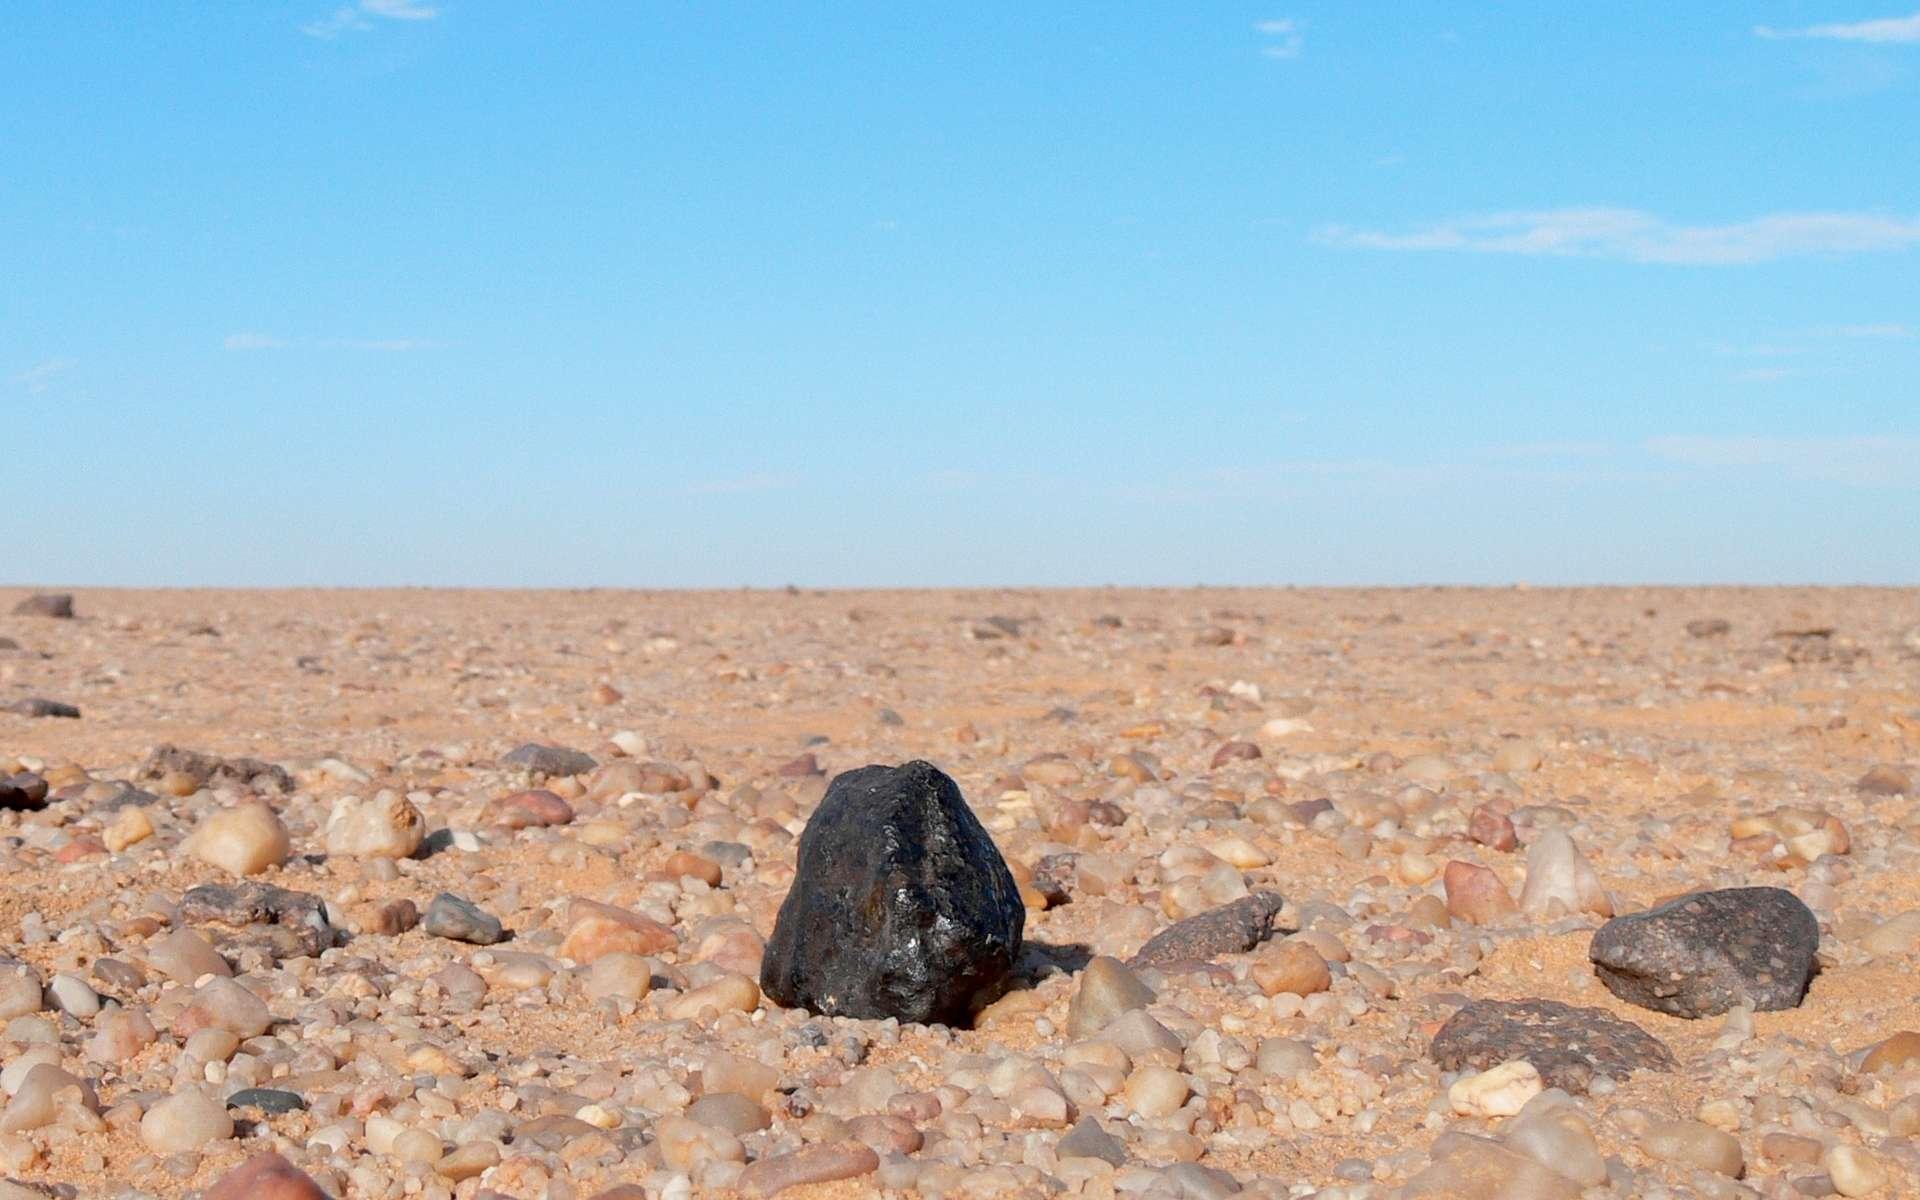 Un fragment de la météorite Almahata Sitta dans le désert de Nubie. Sa croûte de fusion noire est bien visible. Elle a été produite par son entrée à grande vitesse dans l'atmosphère ce qui a fait fondre la roche en surface et permet de la distinguer des autres. © P. Jenniskens, Seti Institute